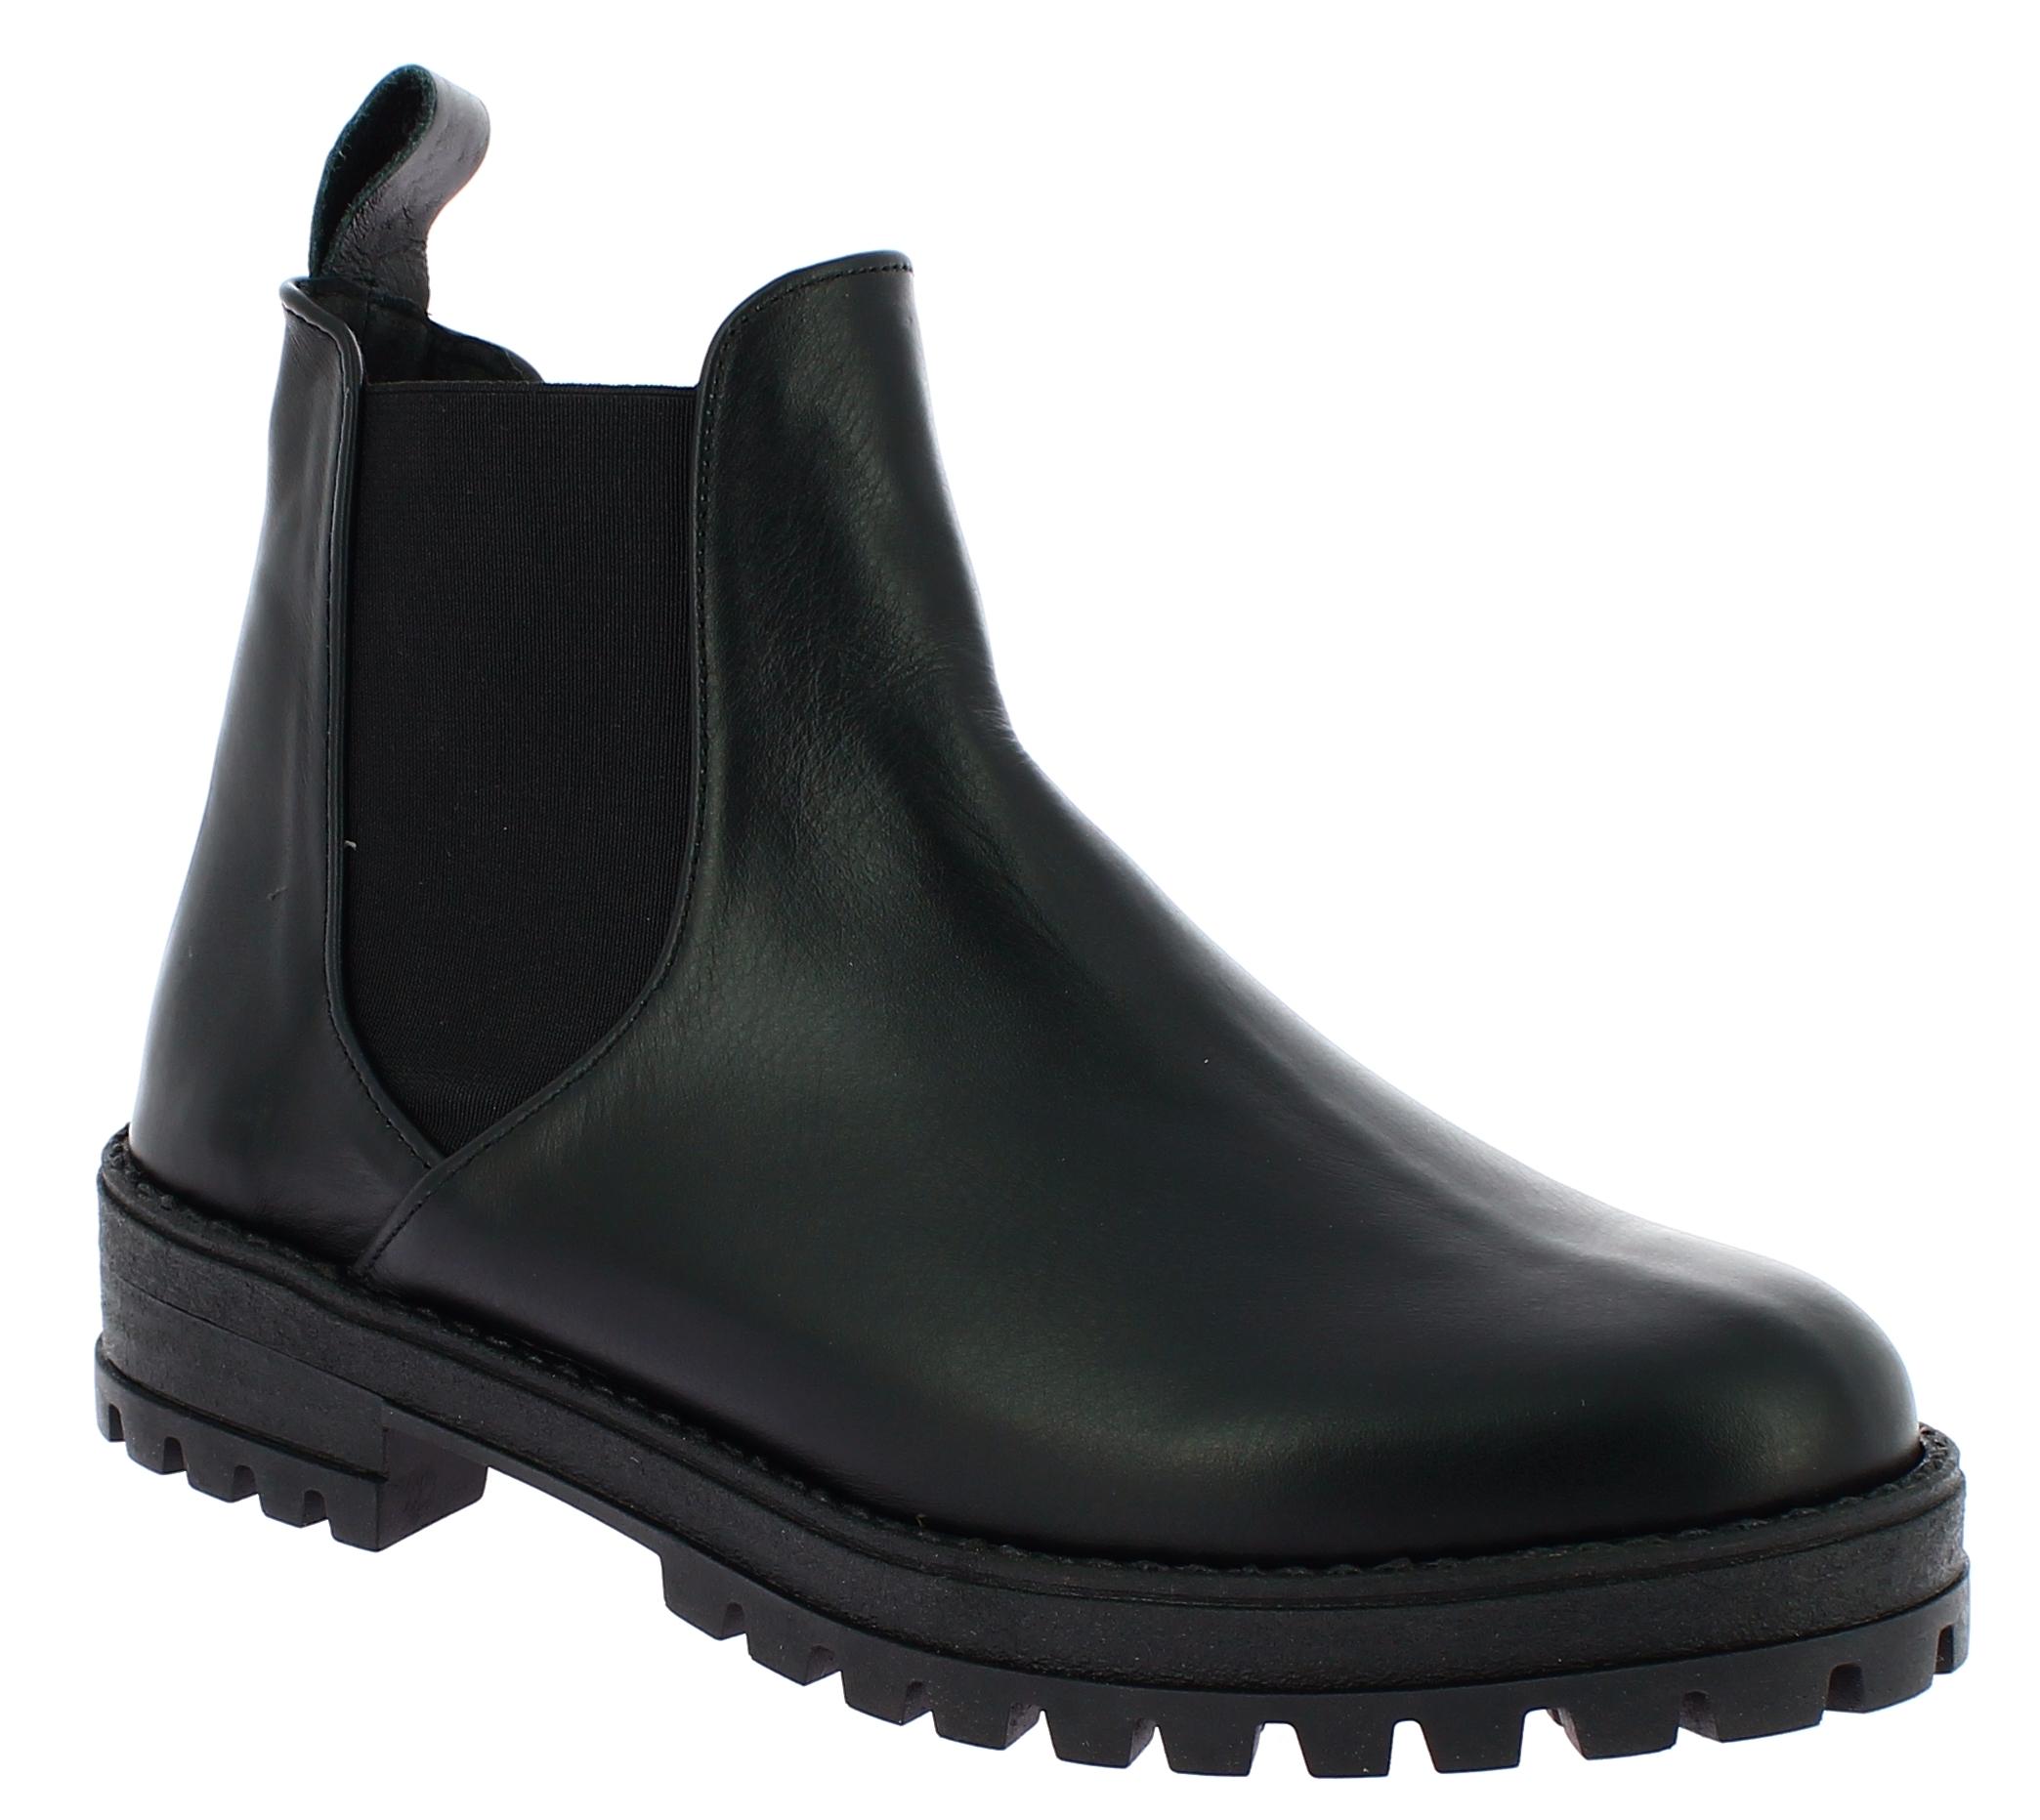 IQSHOES Γυναικείο Μποτάκι 4250 Μαύρο - IqShoes - 20.4250 BLACK -IQSHOES-black-39 παπούτσια  new in